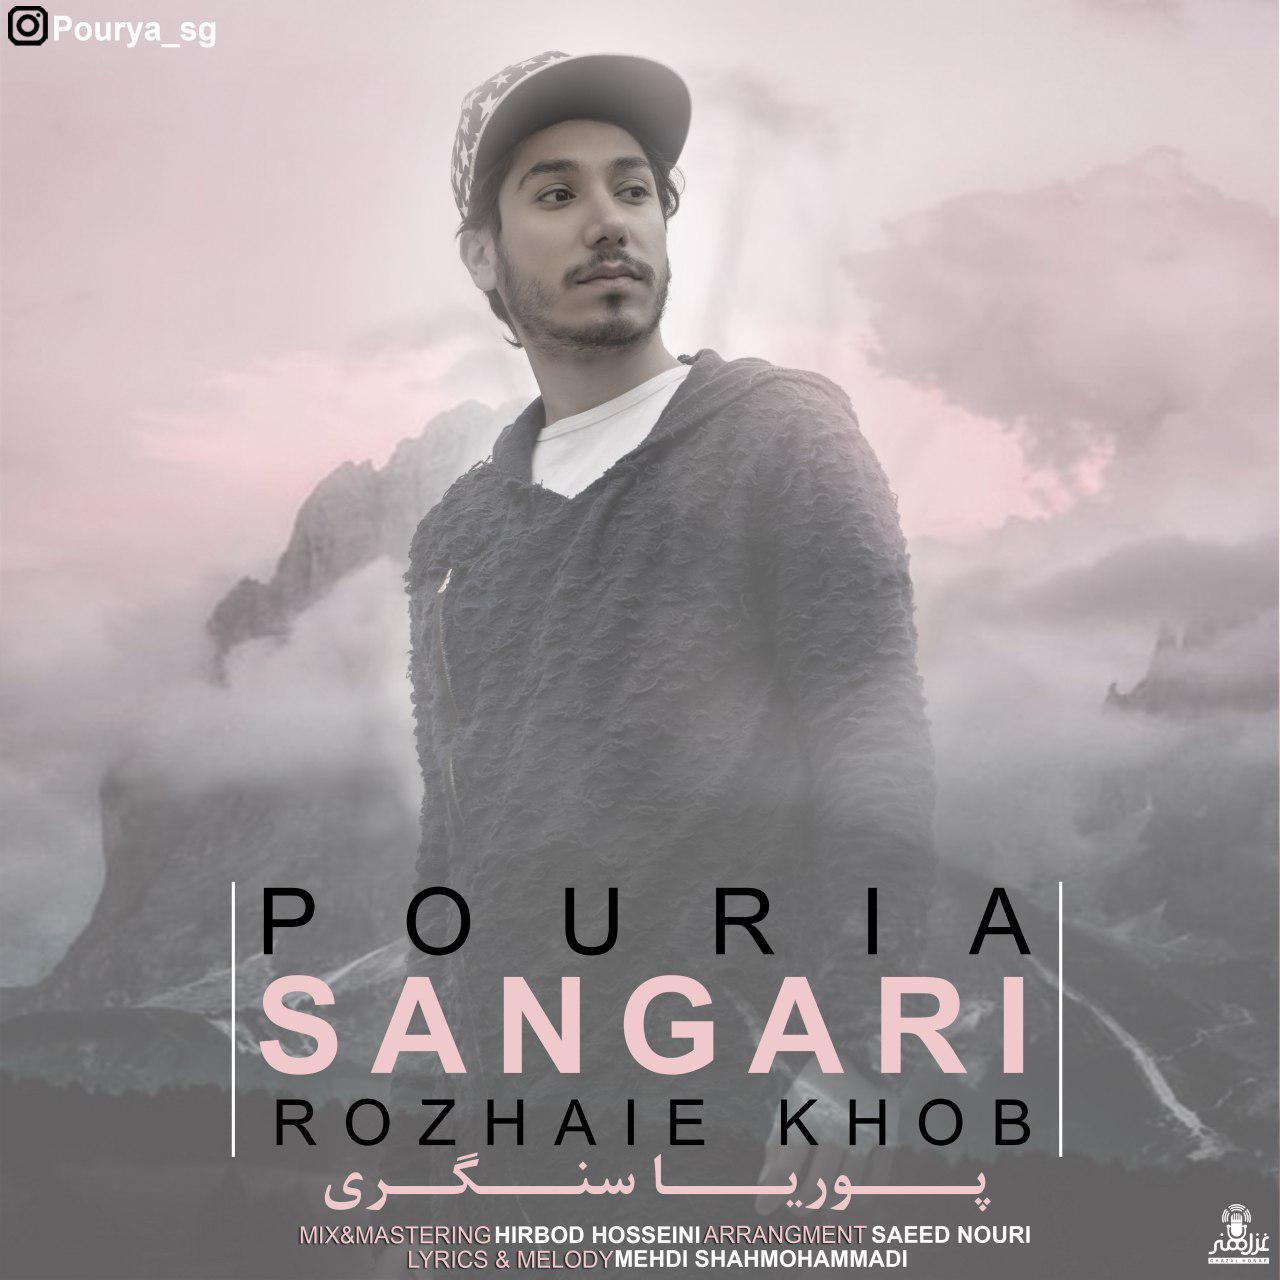 Pouria Sangari – Rozhaie Khob